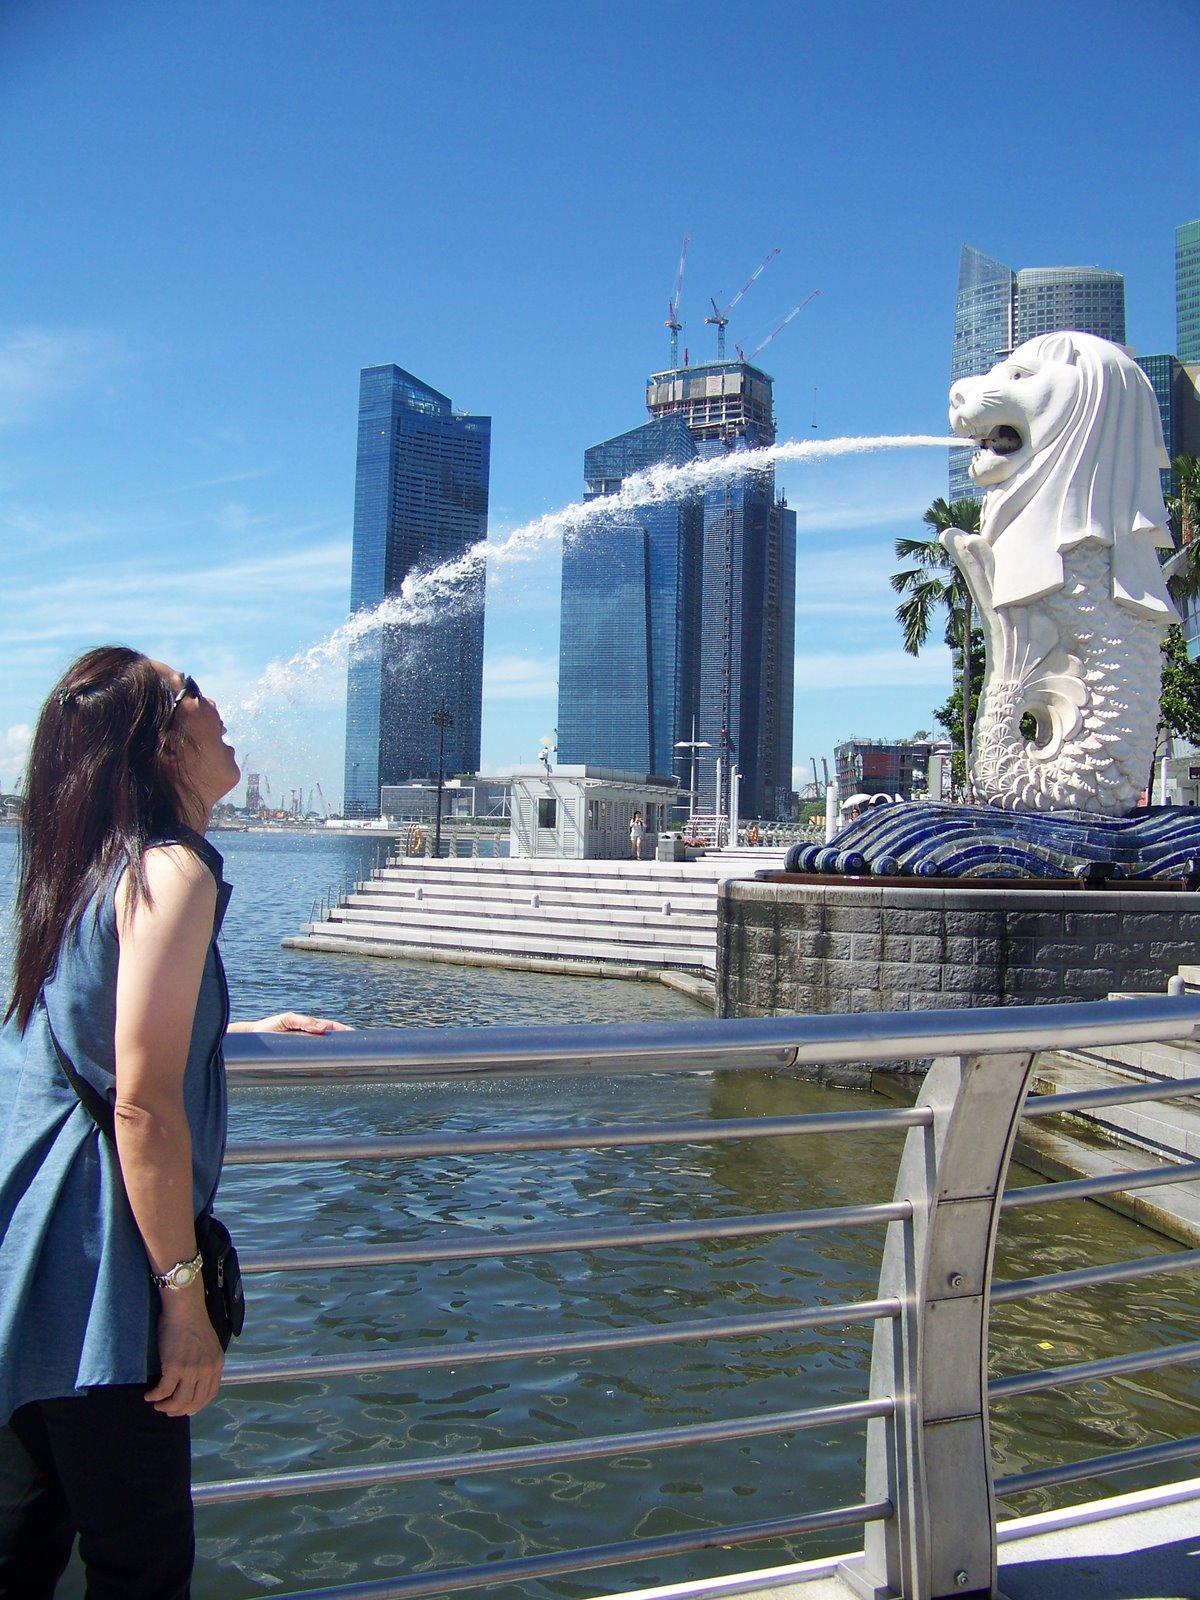 image Phung 19 from bangkok thailand